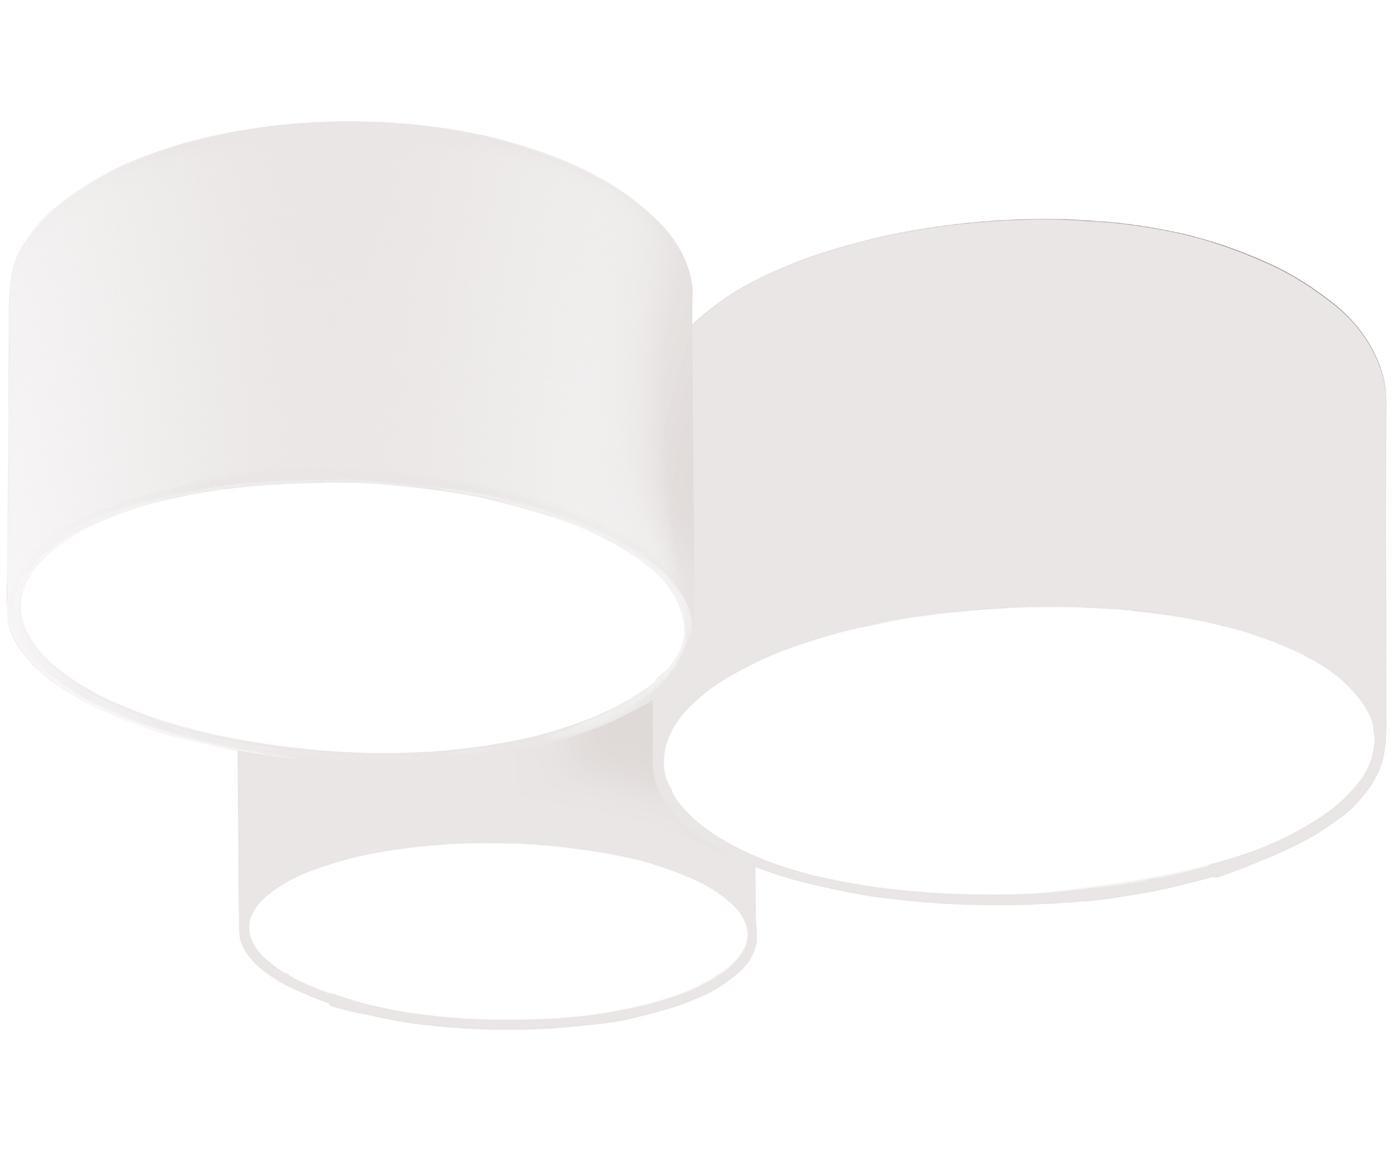 Deckenleuchte Luke, Baldachin: Metall, pulverbeschichtet, Cremeweiß, ∅ 61 x H 26 cm